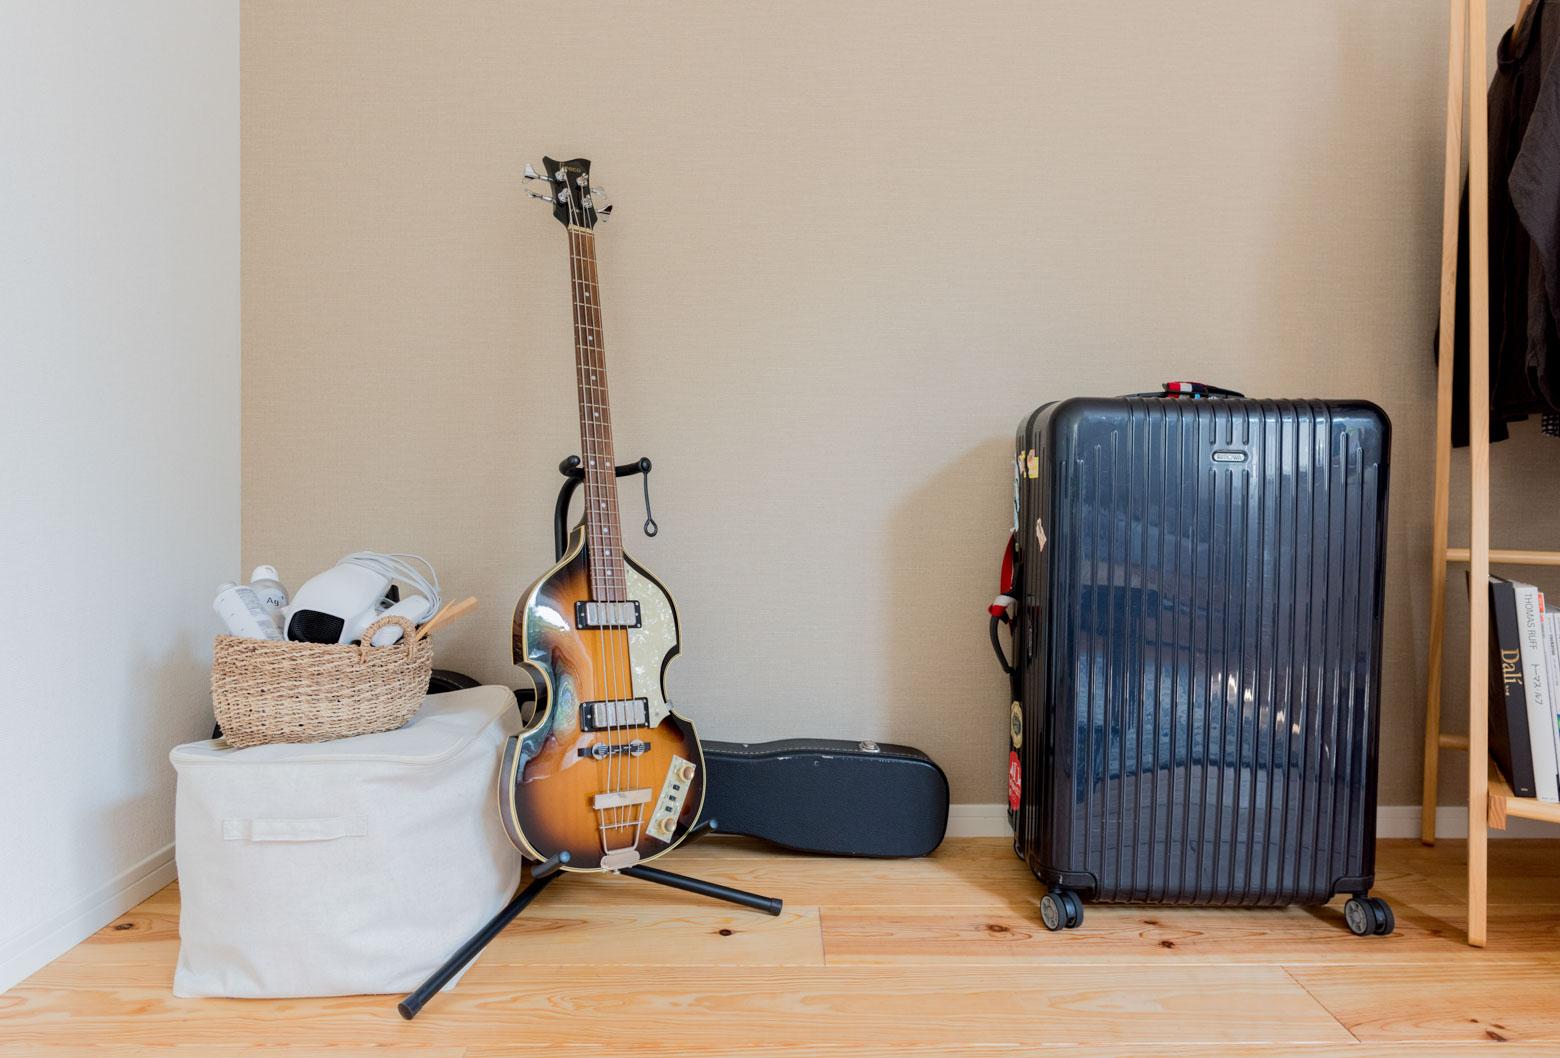 ベースとスーツケース。かっこいい。「学生時代は旅行ばかり行っててぜんぜんお金がなかった」という旅行好きの越智さん。今度南インドに行くそう。いいなー!